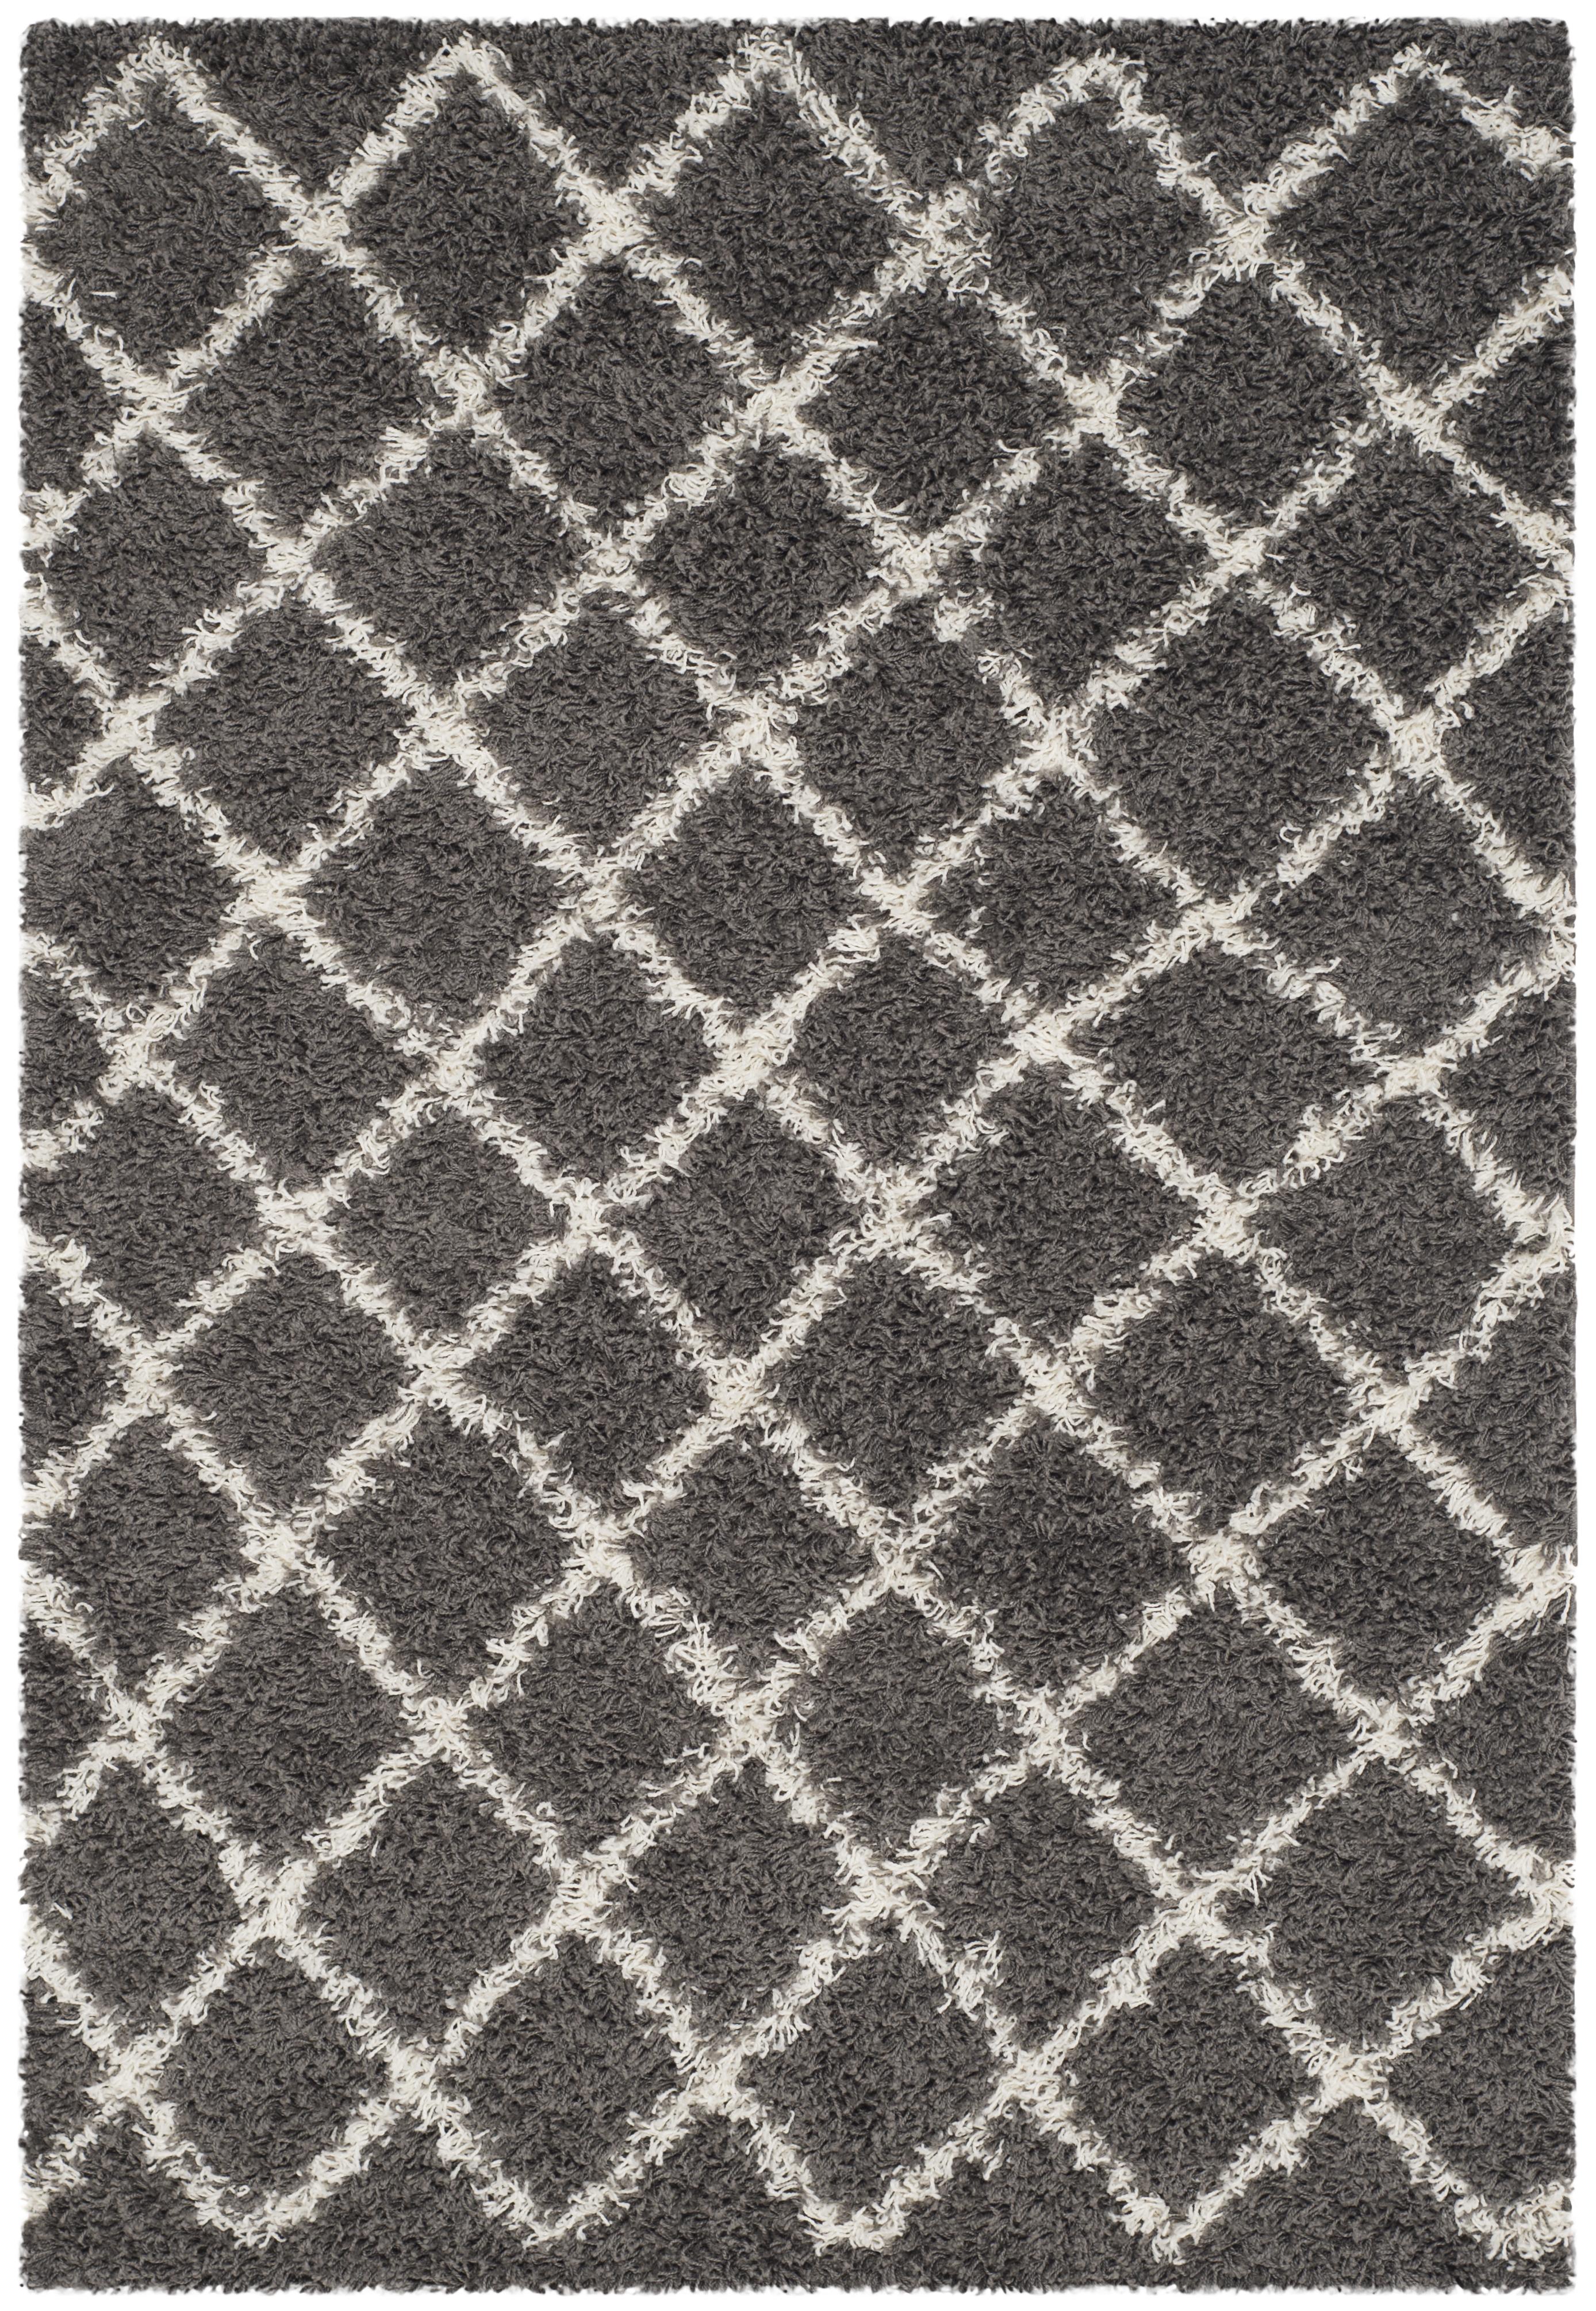 Tapis de salon contemporain  gris foncé et ivoire 121x182